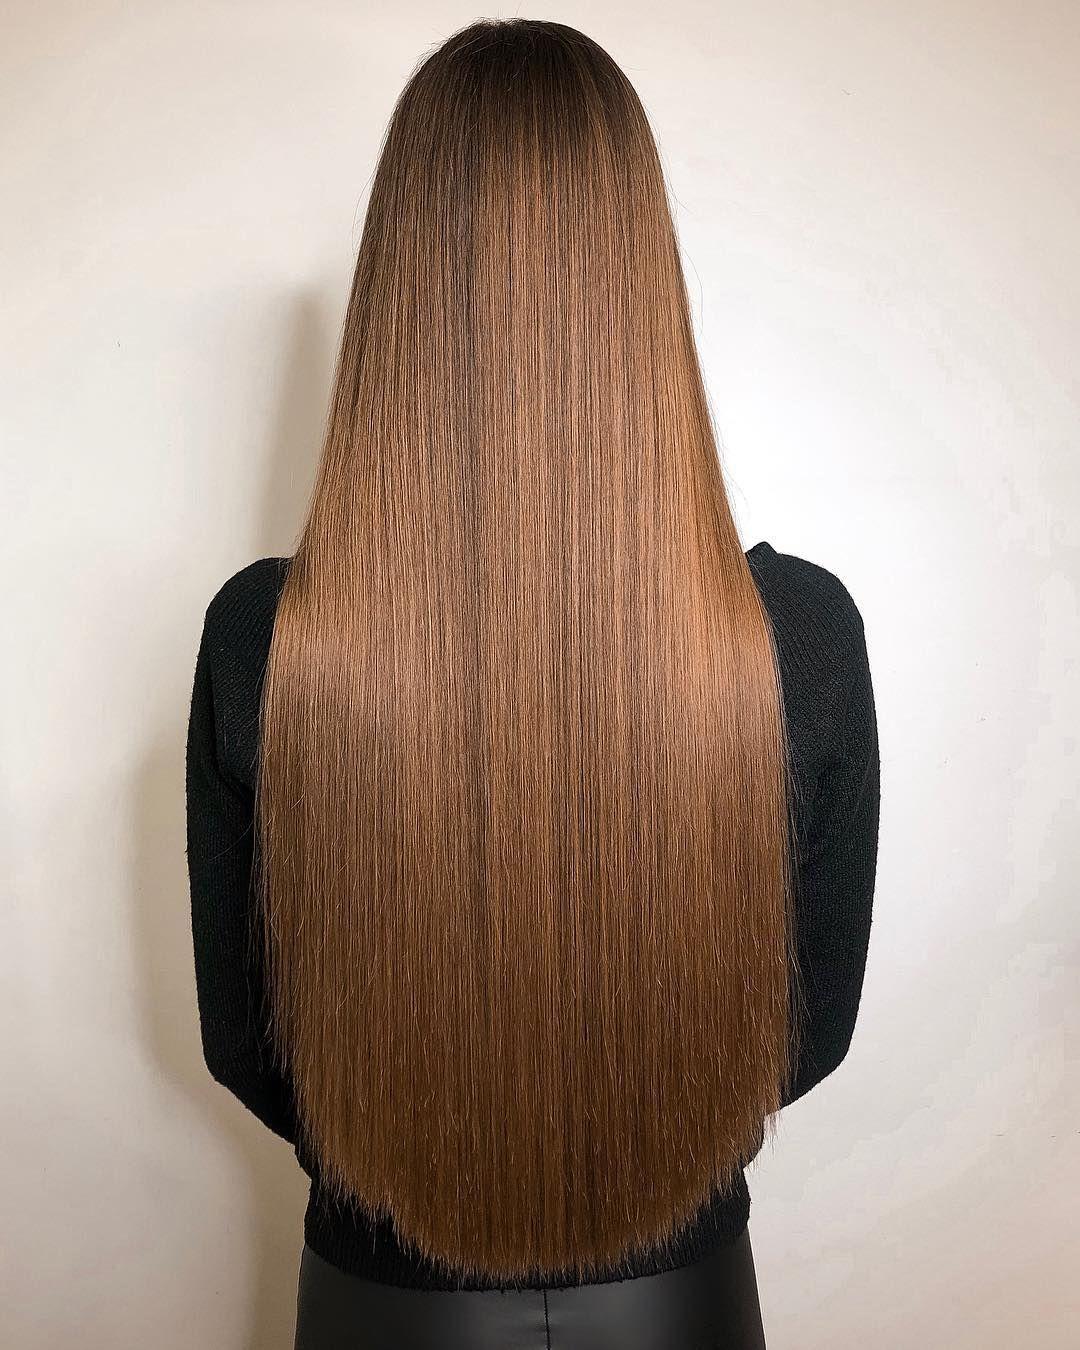 для прямой срез на длинных волосах фото парикмахерской сидит молодой